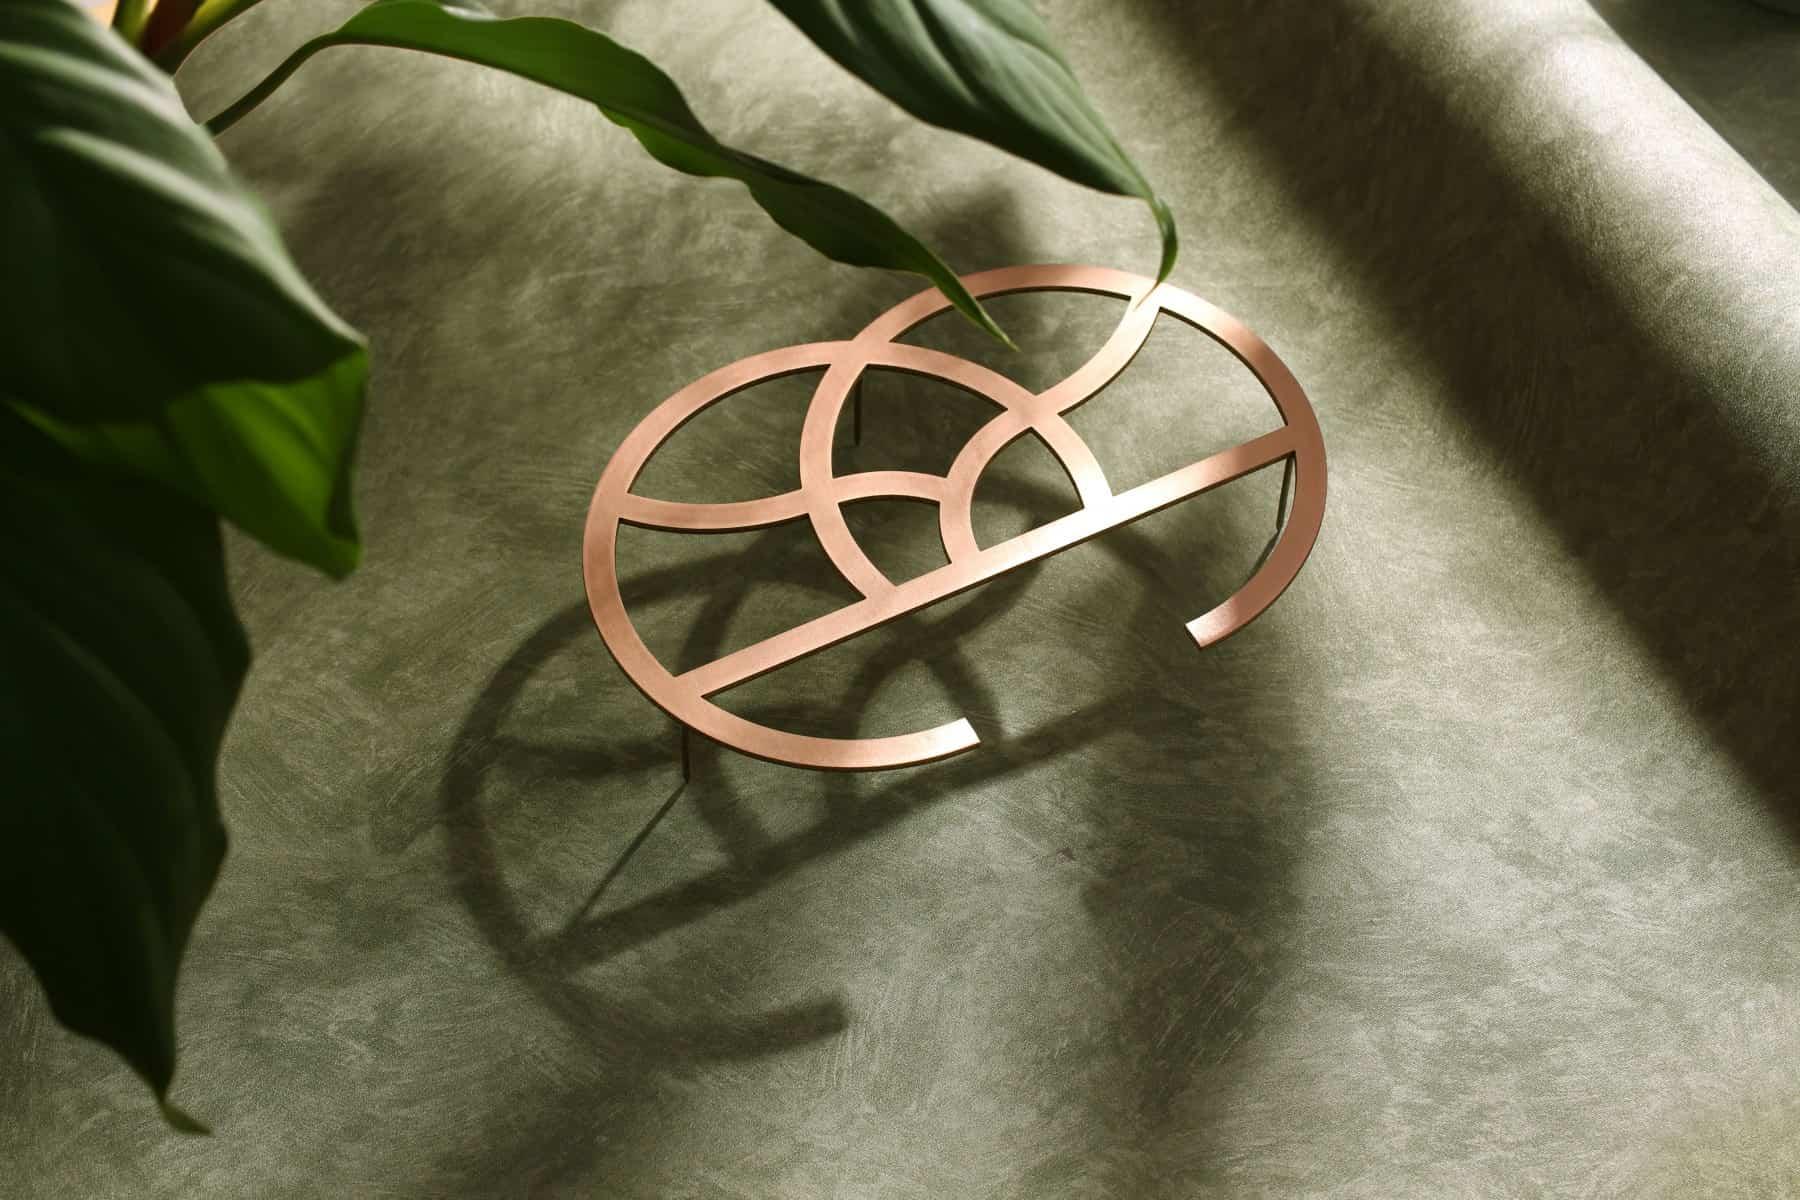 Énorme 高級訂製珠寶 品牌形象 | 品牌設計